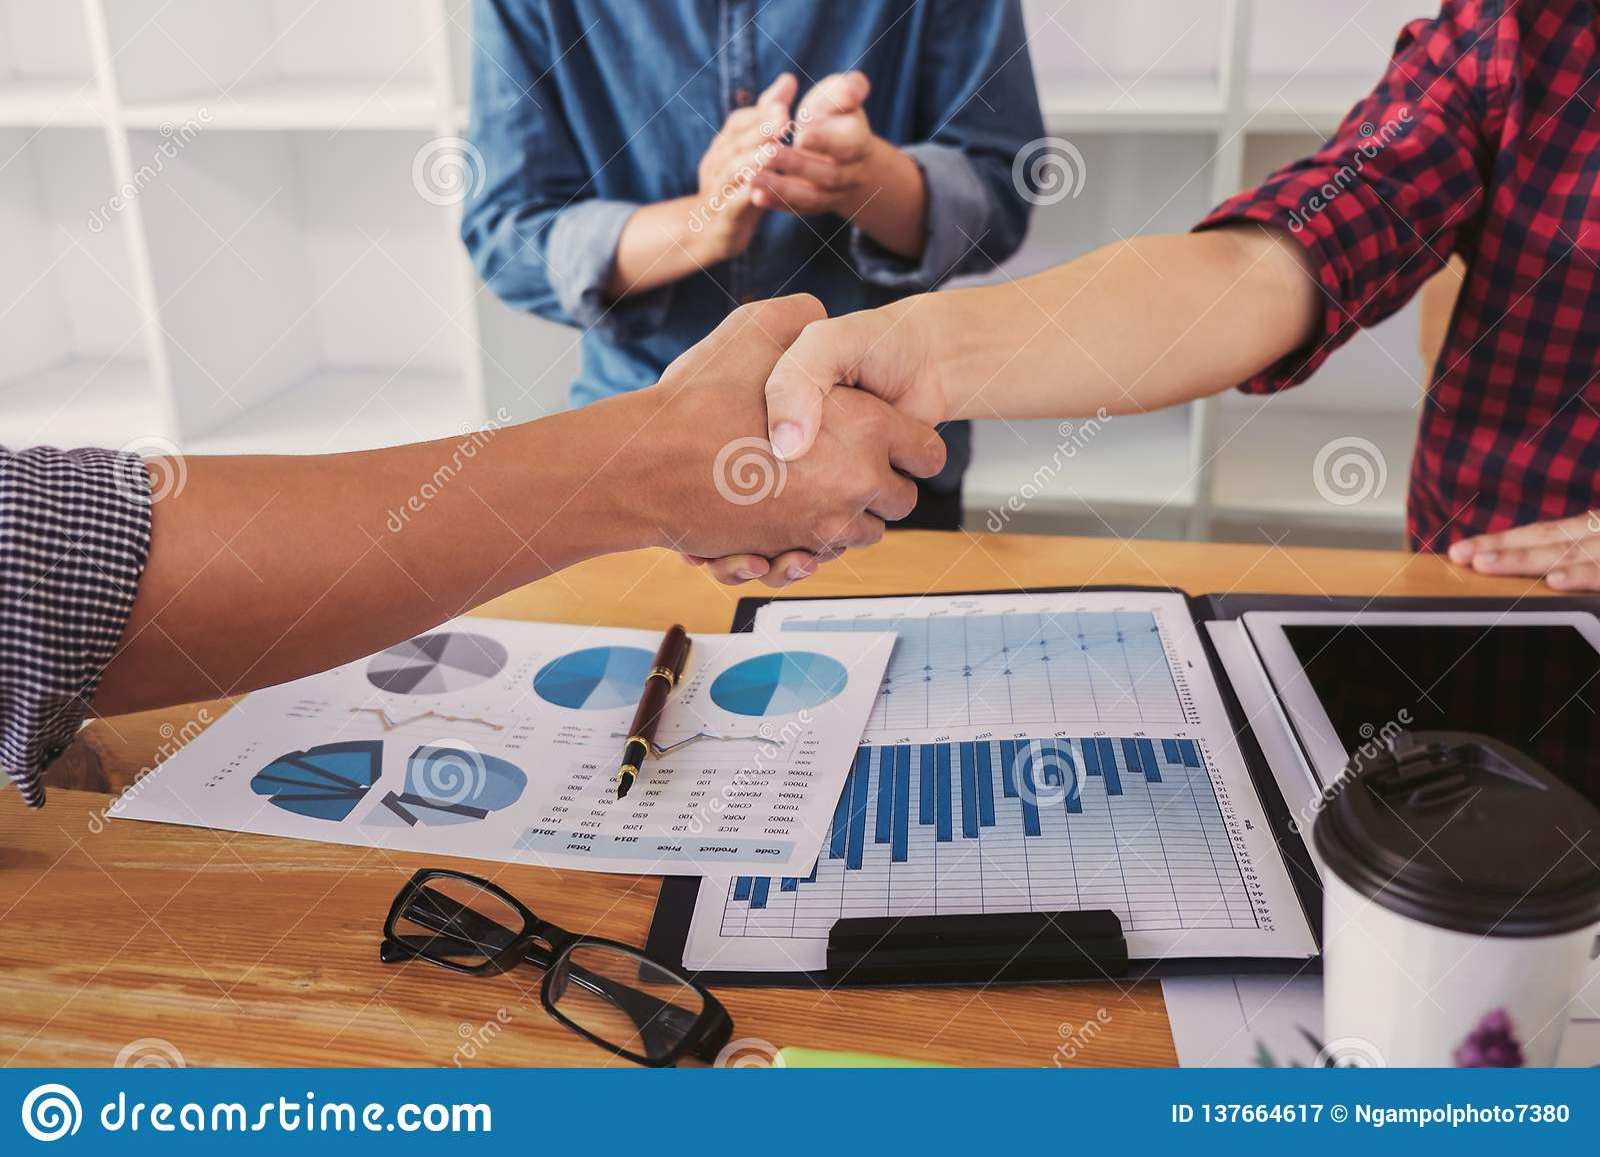 Omhoog beëindigend een vergadering, handdruk van twee gelukkige bedrijfsmensen na contractovereenkomst om een partner te worden,